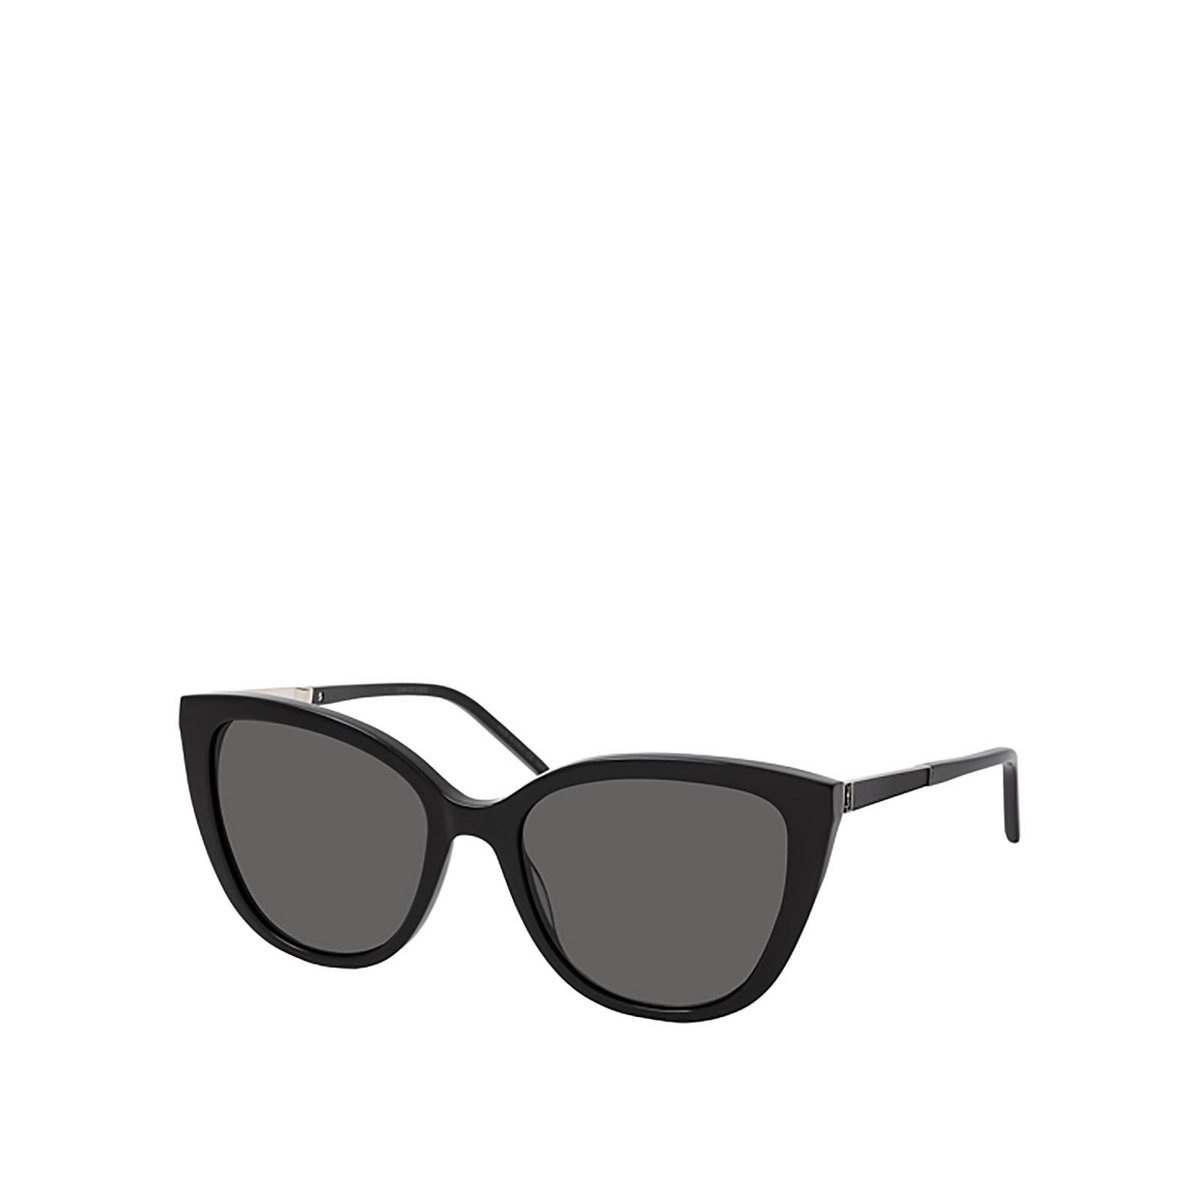 Saint Laurent® Cat-eye Sunglasses: SL M70 color Black 001 - 2/2.